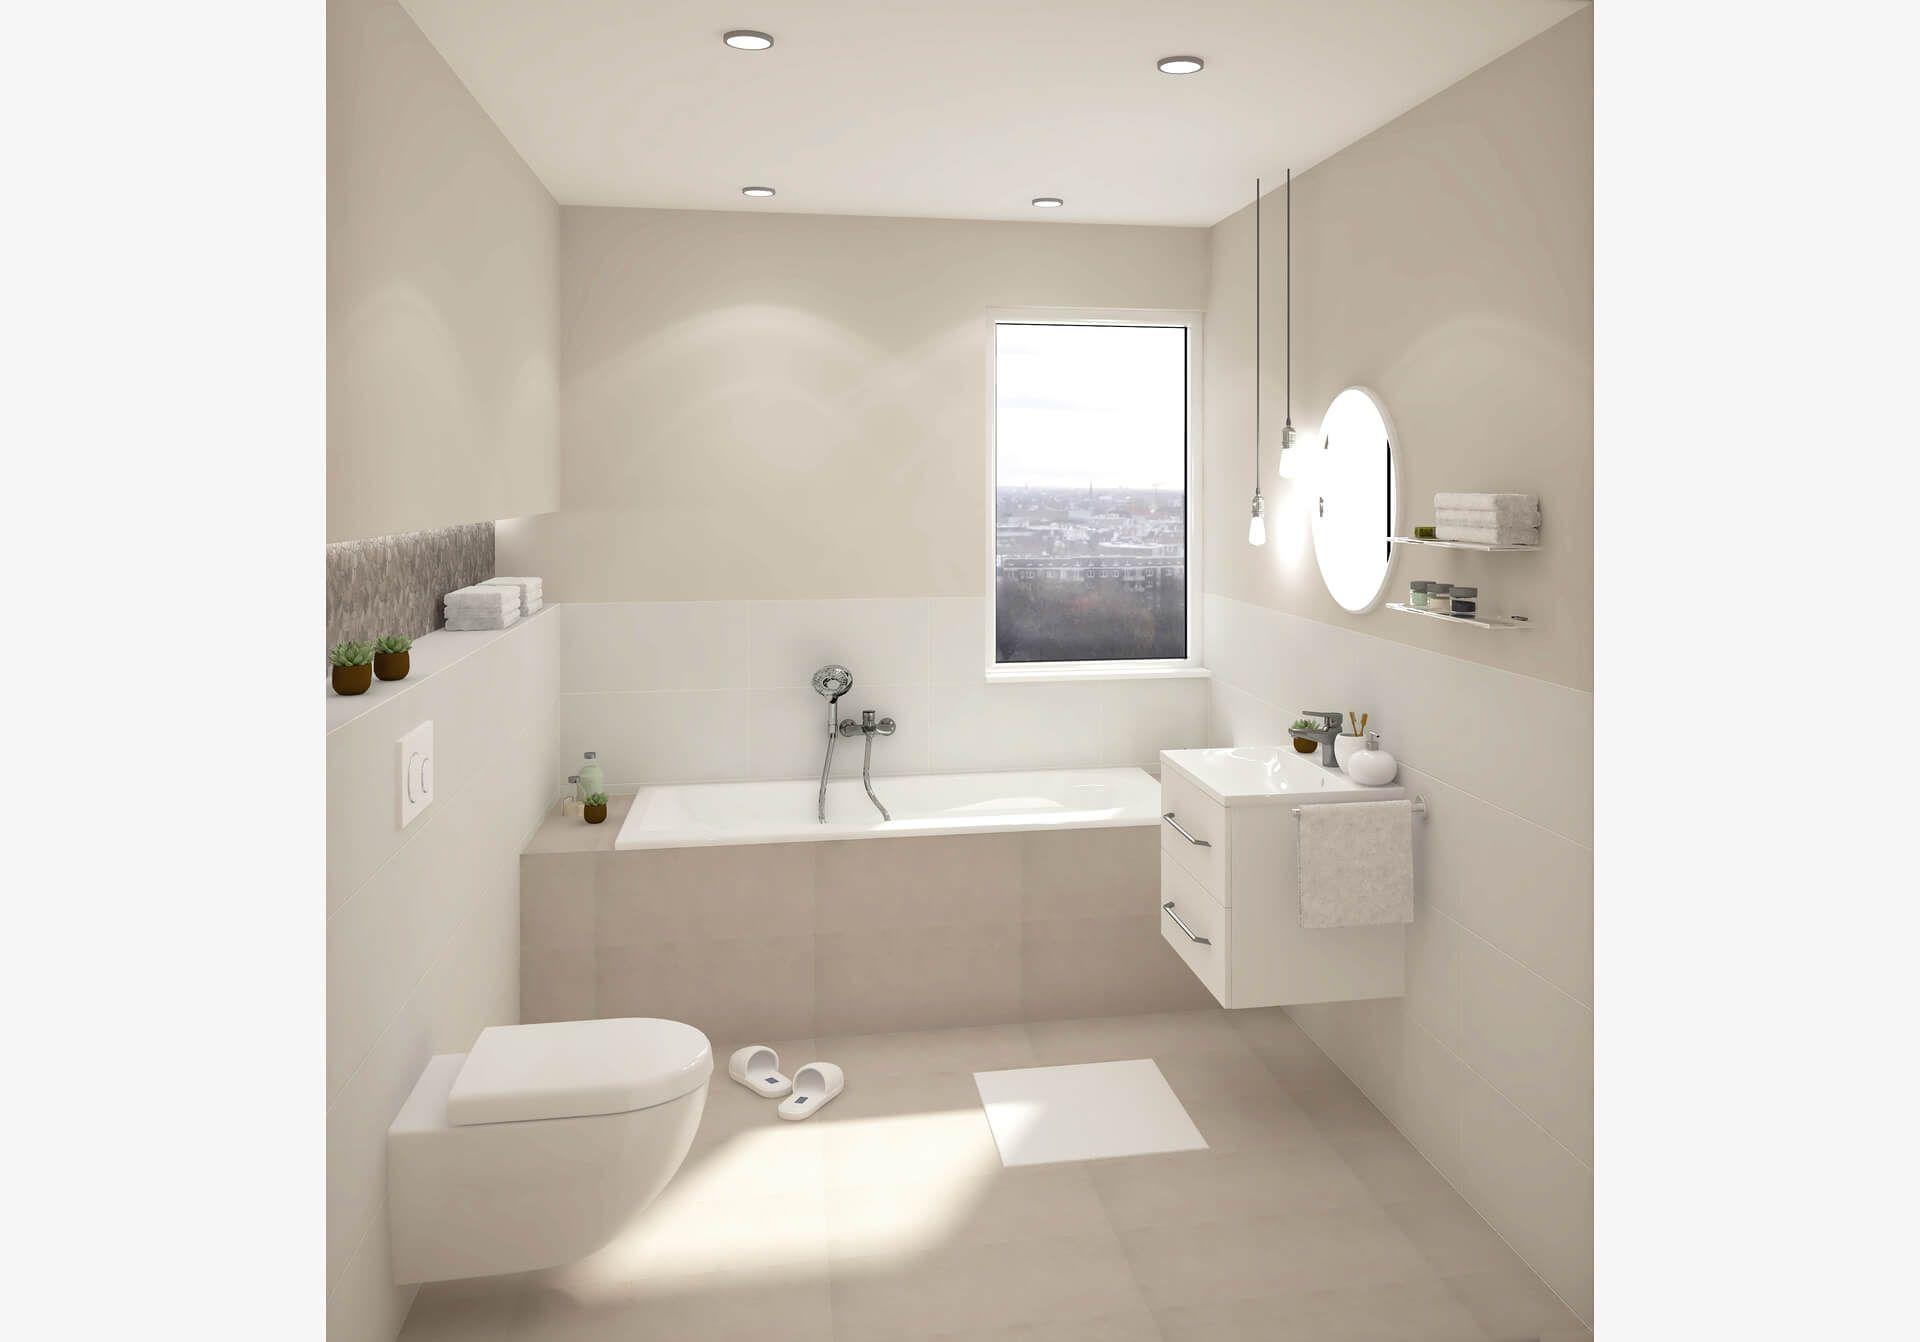 Badplaner Jetzt Badezimmer Planen Mit Obi In 2020 Kleines Bad Badewanne Helle Badezimmer Badezimmer